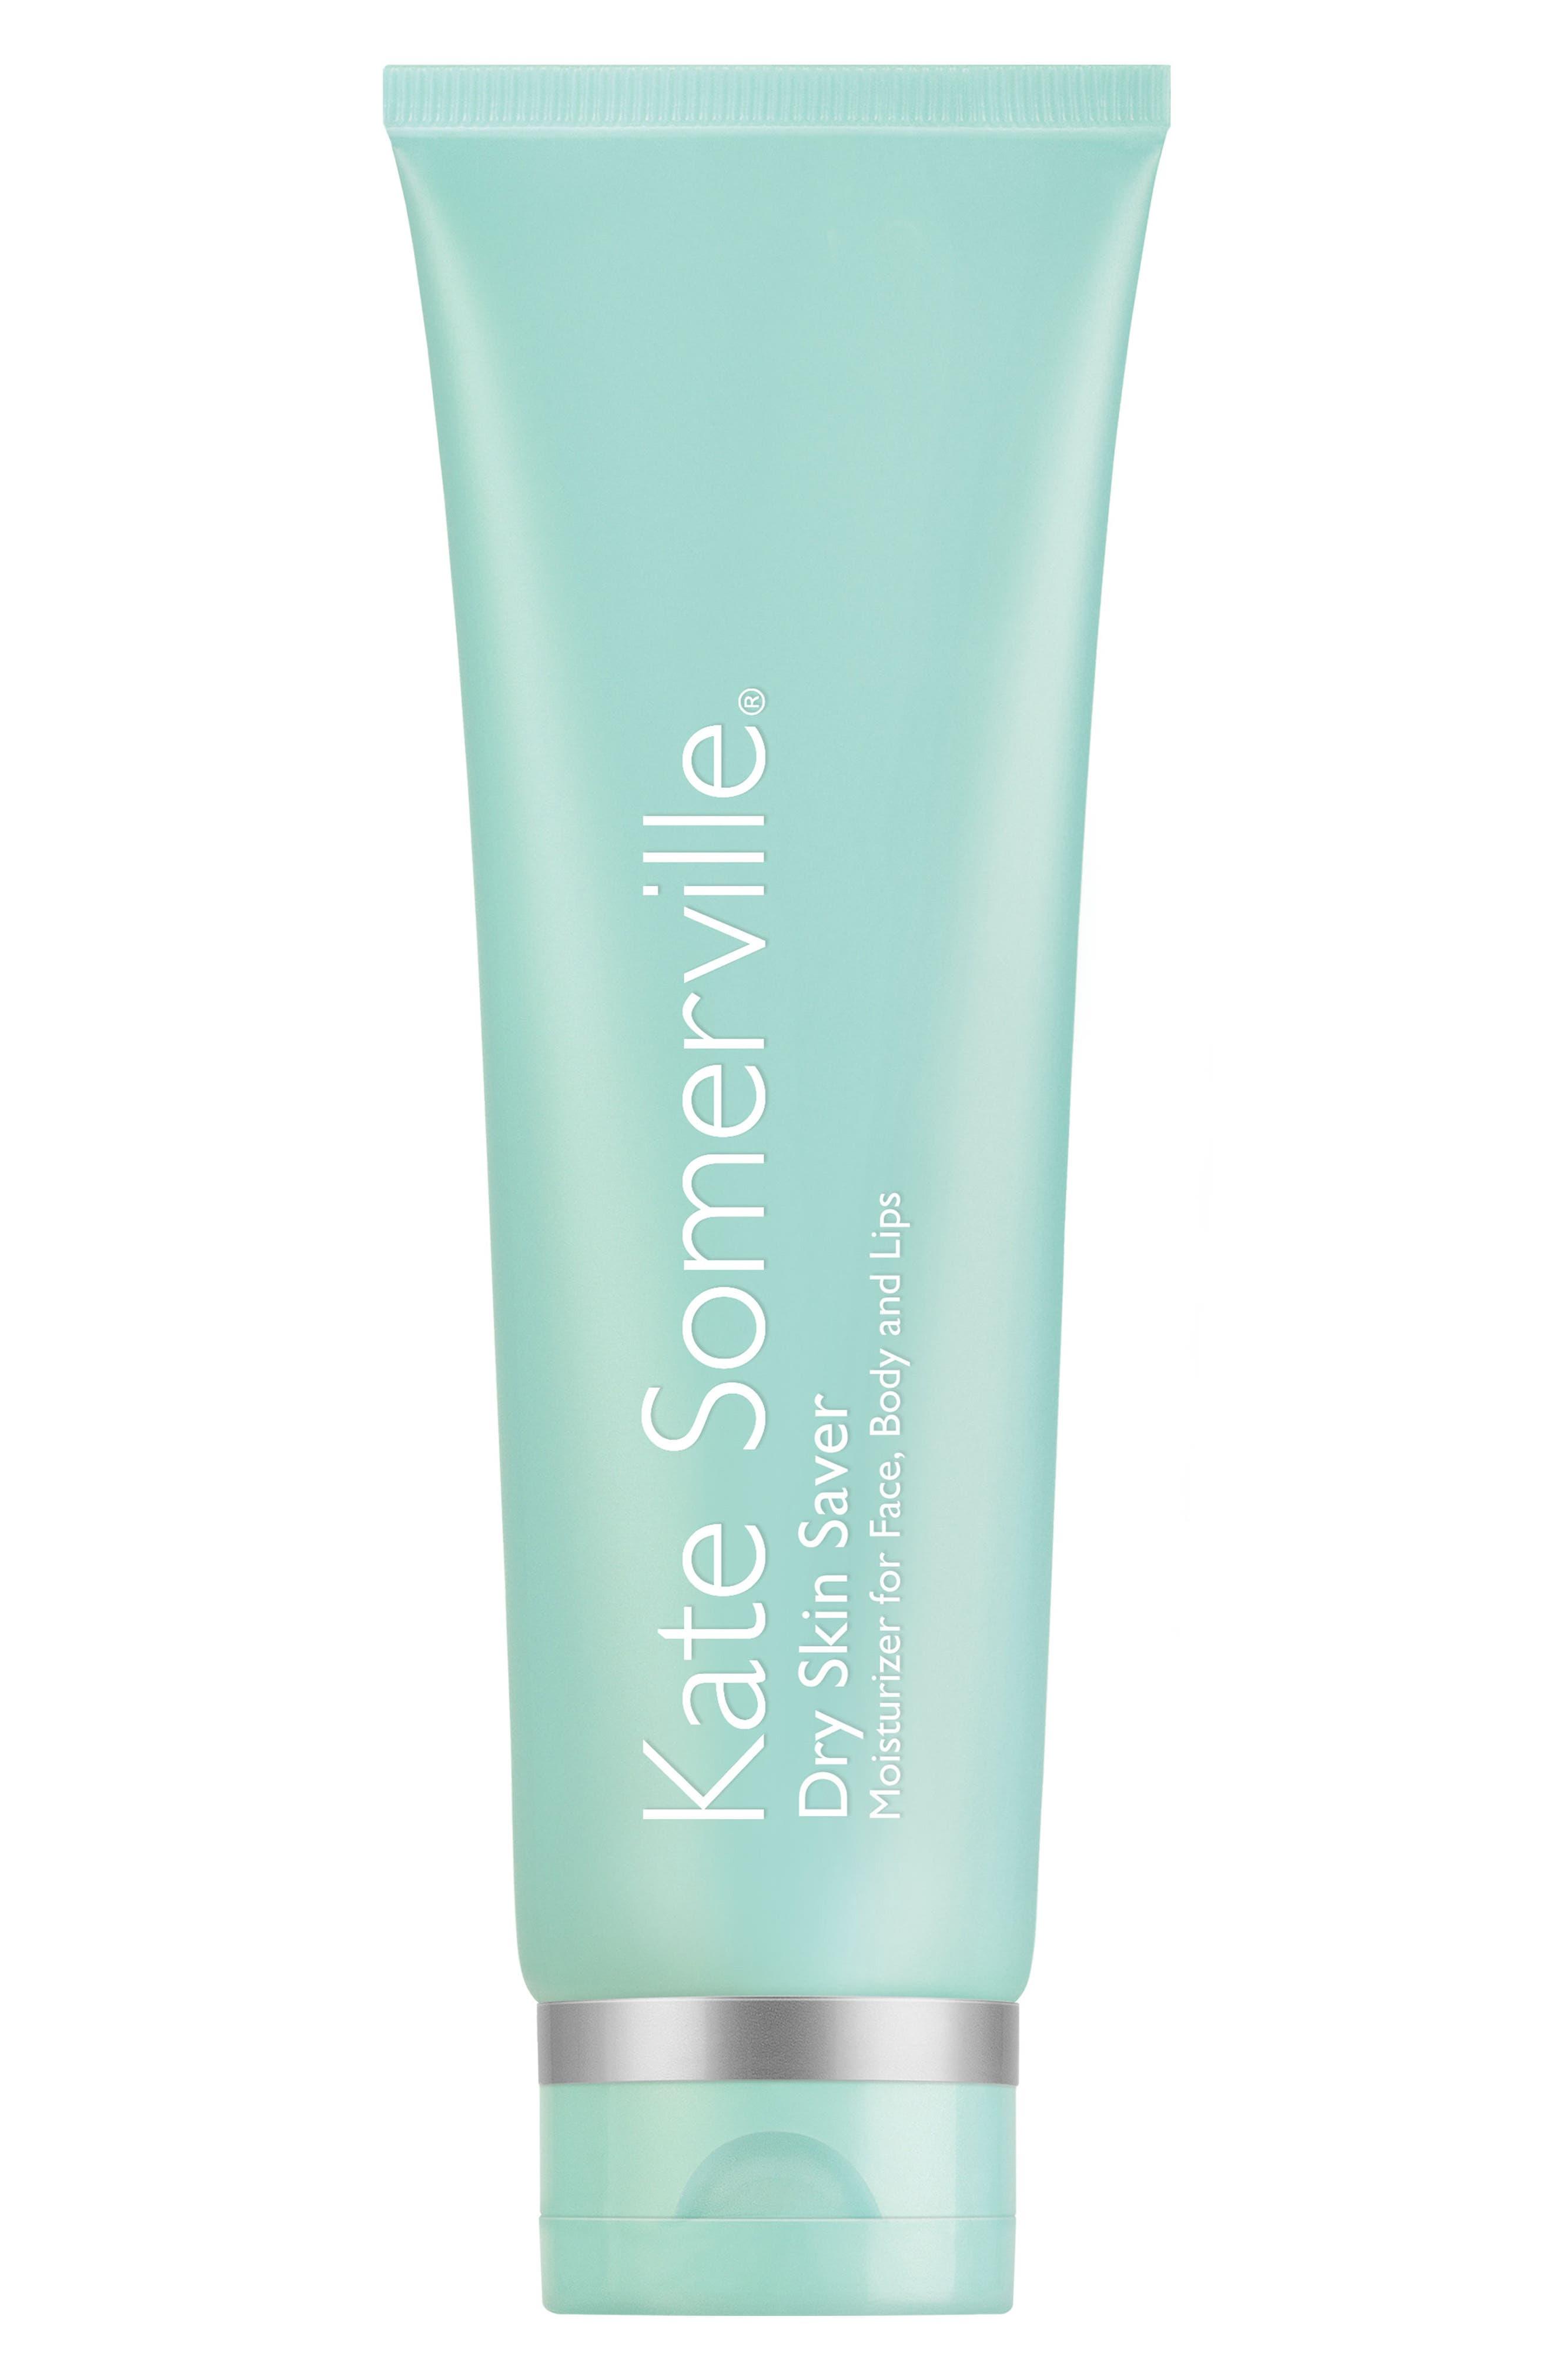 Main Image - Kate Somerville® 'Dry Skin Saver' Moisturizer for Face, Lips & Body